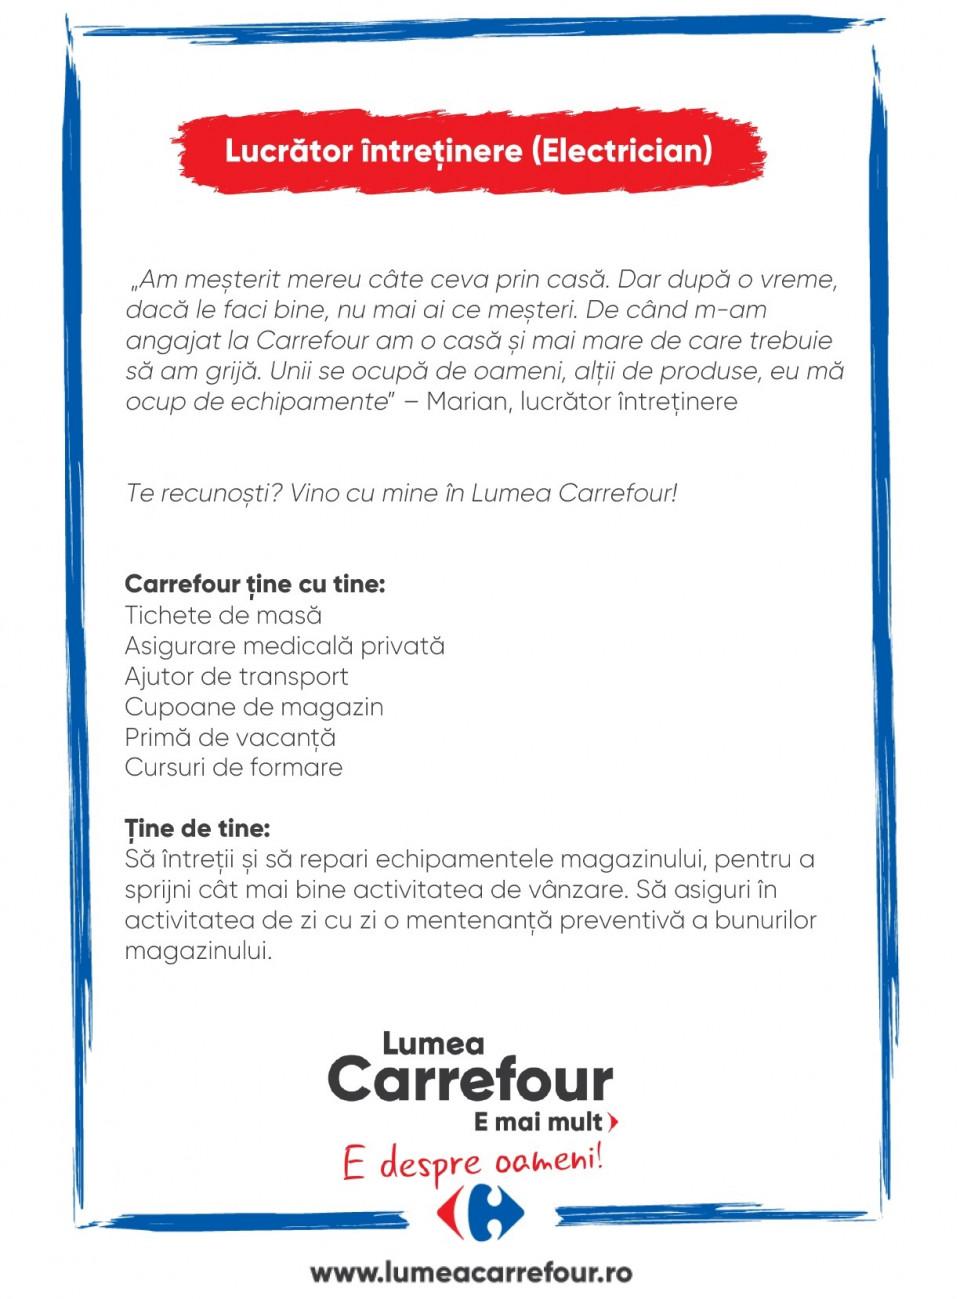 """Intotdeauna am mesterit prin casa cate ceva. Dar dupa o vreme, daca le faci bine, nu mai ai ce mesteri. De cand m-am anagajat la Carrefour am o casa si mai mare de care trebuie sa am grija. Unii se ocupa de oameni, altii de produse, eu ma ocup de echipamente."""" – Marian, lucrator intretinere Carrefour.  Te recunosti? Vino cu mine in Lumea Carrefour! Tine de tine: Sa intretii si sa repari echipamentele si bunurile magazinului, pentru a sprijni cat mai bine activitatea de vanzare.  Calificare: Certificat de calificare Electrician sau Mecanic Instalatii  Carrefour tine cu tine: Tichete de masa Asigurare medicala privata Ajutor de transport Cupoane de magazin Prima de vacanta Cursuri de formare Intotdeauna am mesterit prin casa cate ceva. Dar dupa o vreme, daca le faci bine, nu mai ai ce mesteri. De cand m-am anagajat la Carrefour am o casa si mai mare de care trebuie sa am grija. Unii se ocupa de oameni, altii de produse, eu ma ocup de echipamente."""" – Marian, lucrator intretinere Carrefour.  Te recunosti? Vino cu mine in Lumea Carrefour! Tine de tine: Sa intretii si sa repari echipamentele si bunurile magazinului, pentru a sprijni cat mai bine activitatea de vanzare.  Calificare: Certificat de calificare Electrician sau Mecanic Instalatii  Carrefour tine cu tine: Tichete de masa Asigurare medicala privata Ajutor de transport Cupoane de magazin Prima de vacanta Cursuri de formare  tehnician electrician mentenanta reparatii servicii repar Lumea Carrefour e mai mult. E despre oameni!Lumea noastră? E despre prietenia fără vârstă și bucuria de a fi buni în ceea ce facem. Despre diversitatea meseriilor, dar mai ales despre diversitatea membrilor unei mari familii. Despre emoția primului job și satisfacția pe care o avem când suntem de ajutor.Fiecare dintre noi avem trăsături care ne fac să fim unici și valoroși. Suntem diferiți și în același timp suntem la fel ca toți românii: vrem să fim liberi, să alegem, să ne exprimăm punctul de vedere, să ne simțim bine."""